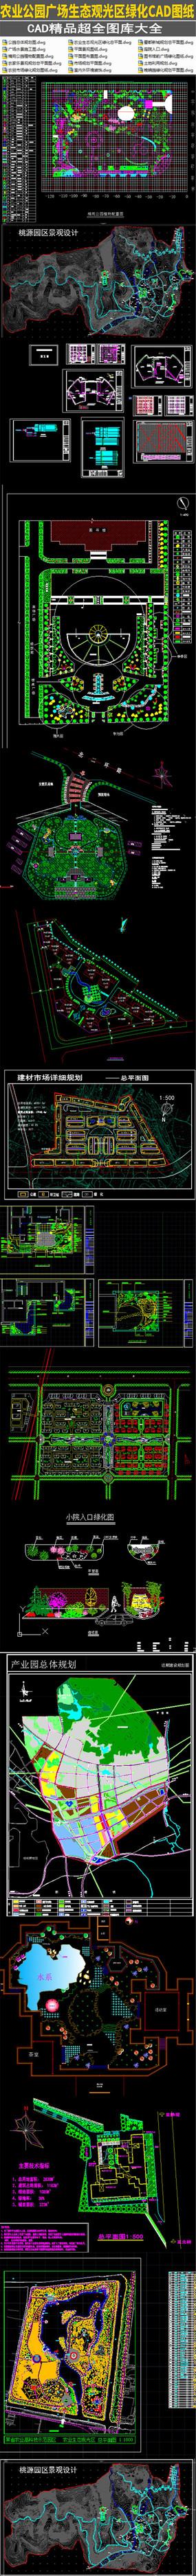 多种种类生态观光区绿化CAD图纸